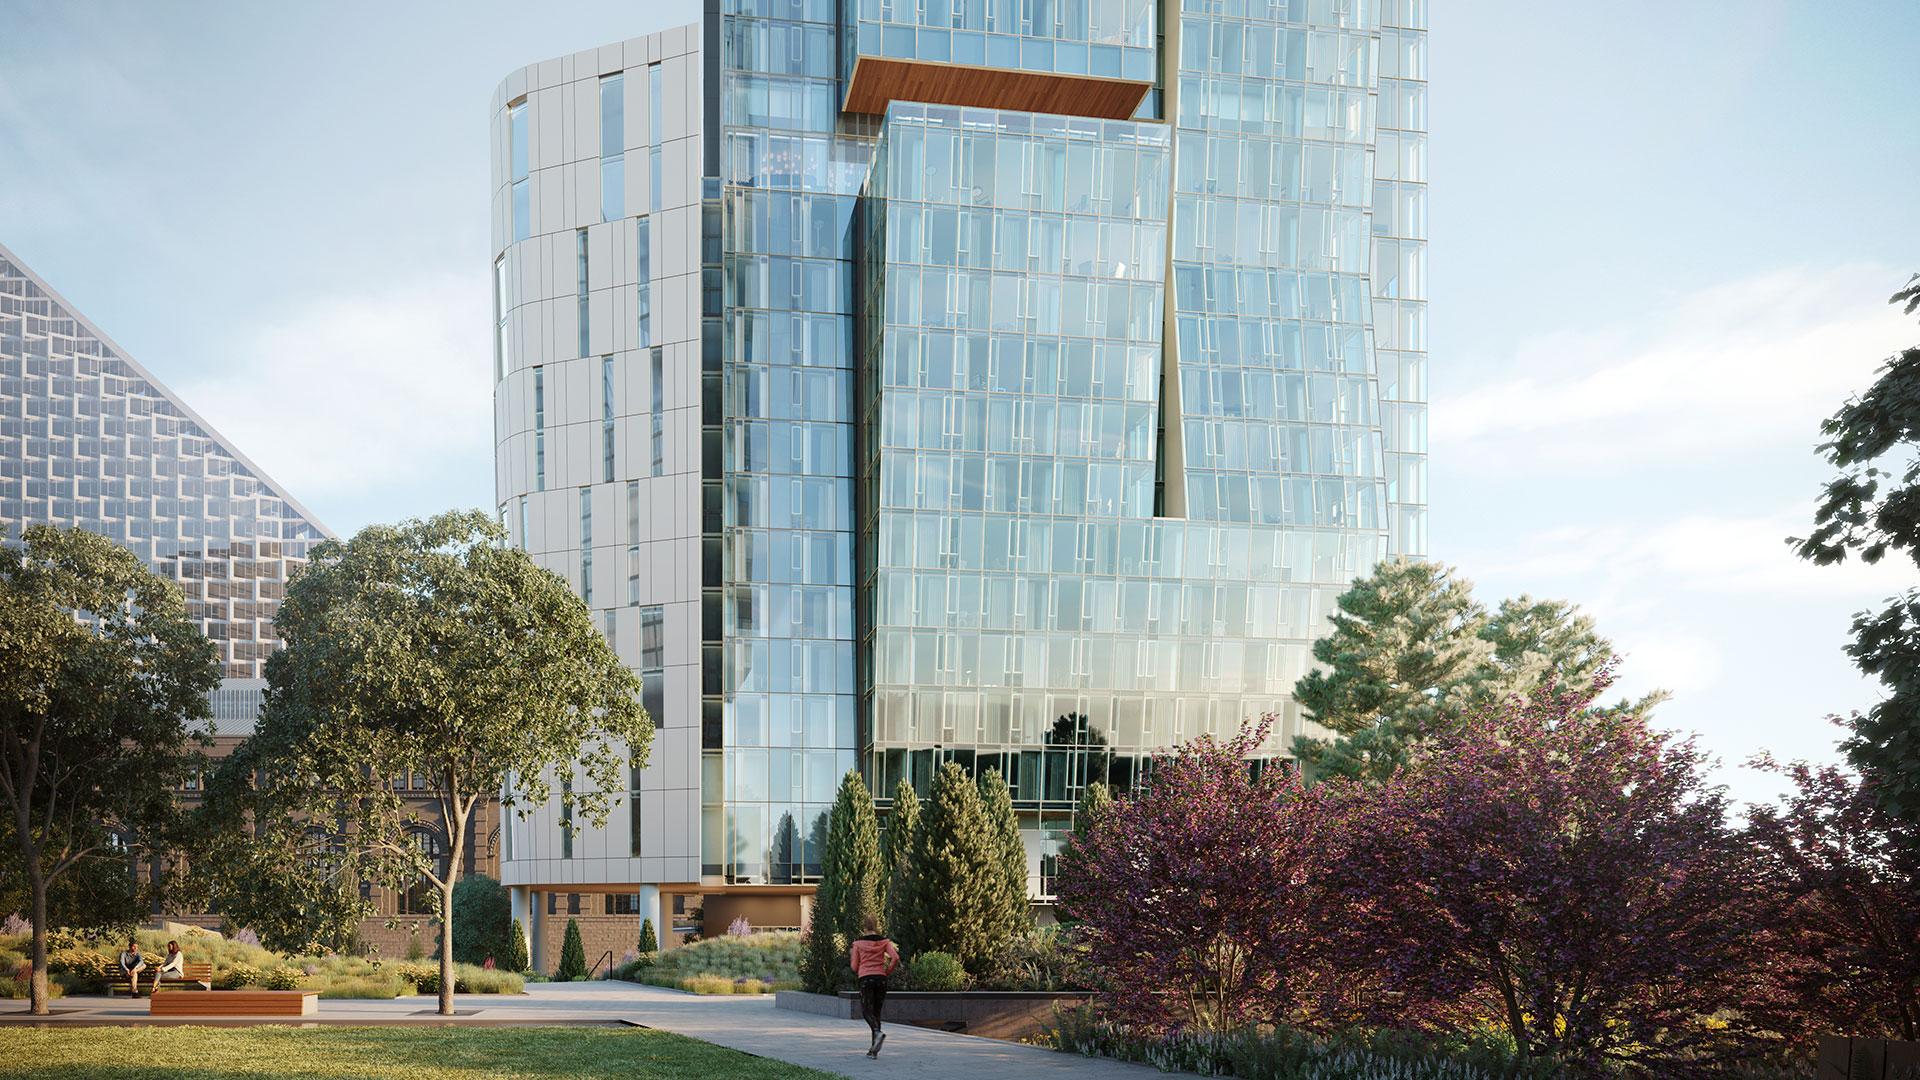 luxury rental buildings in nyc